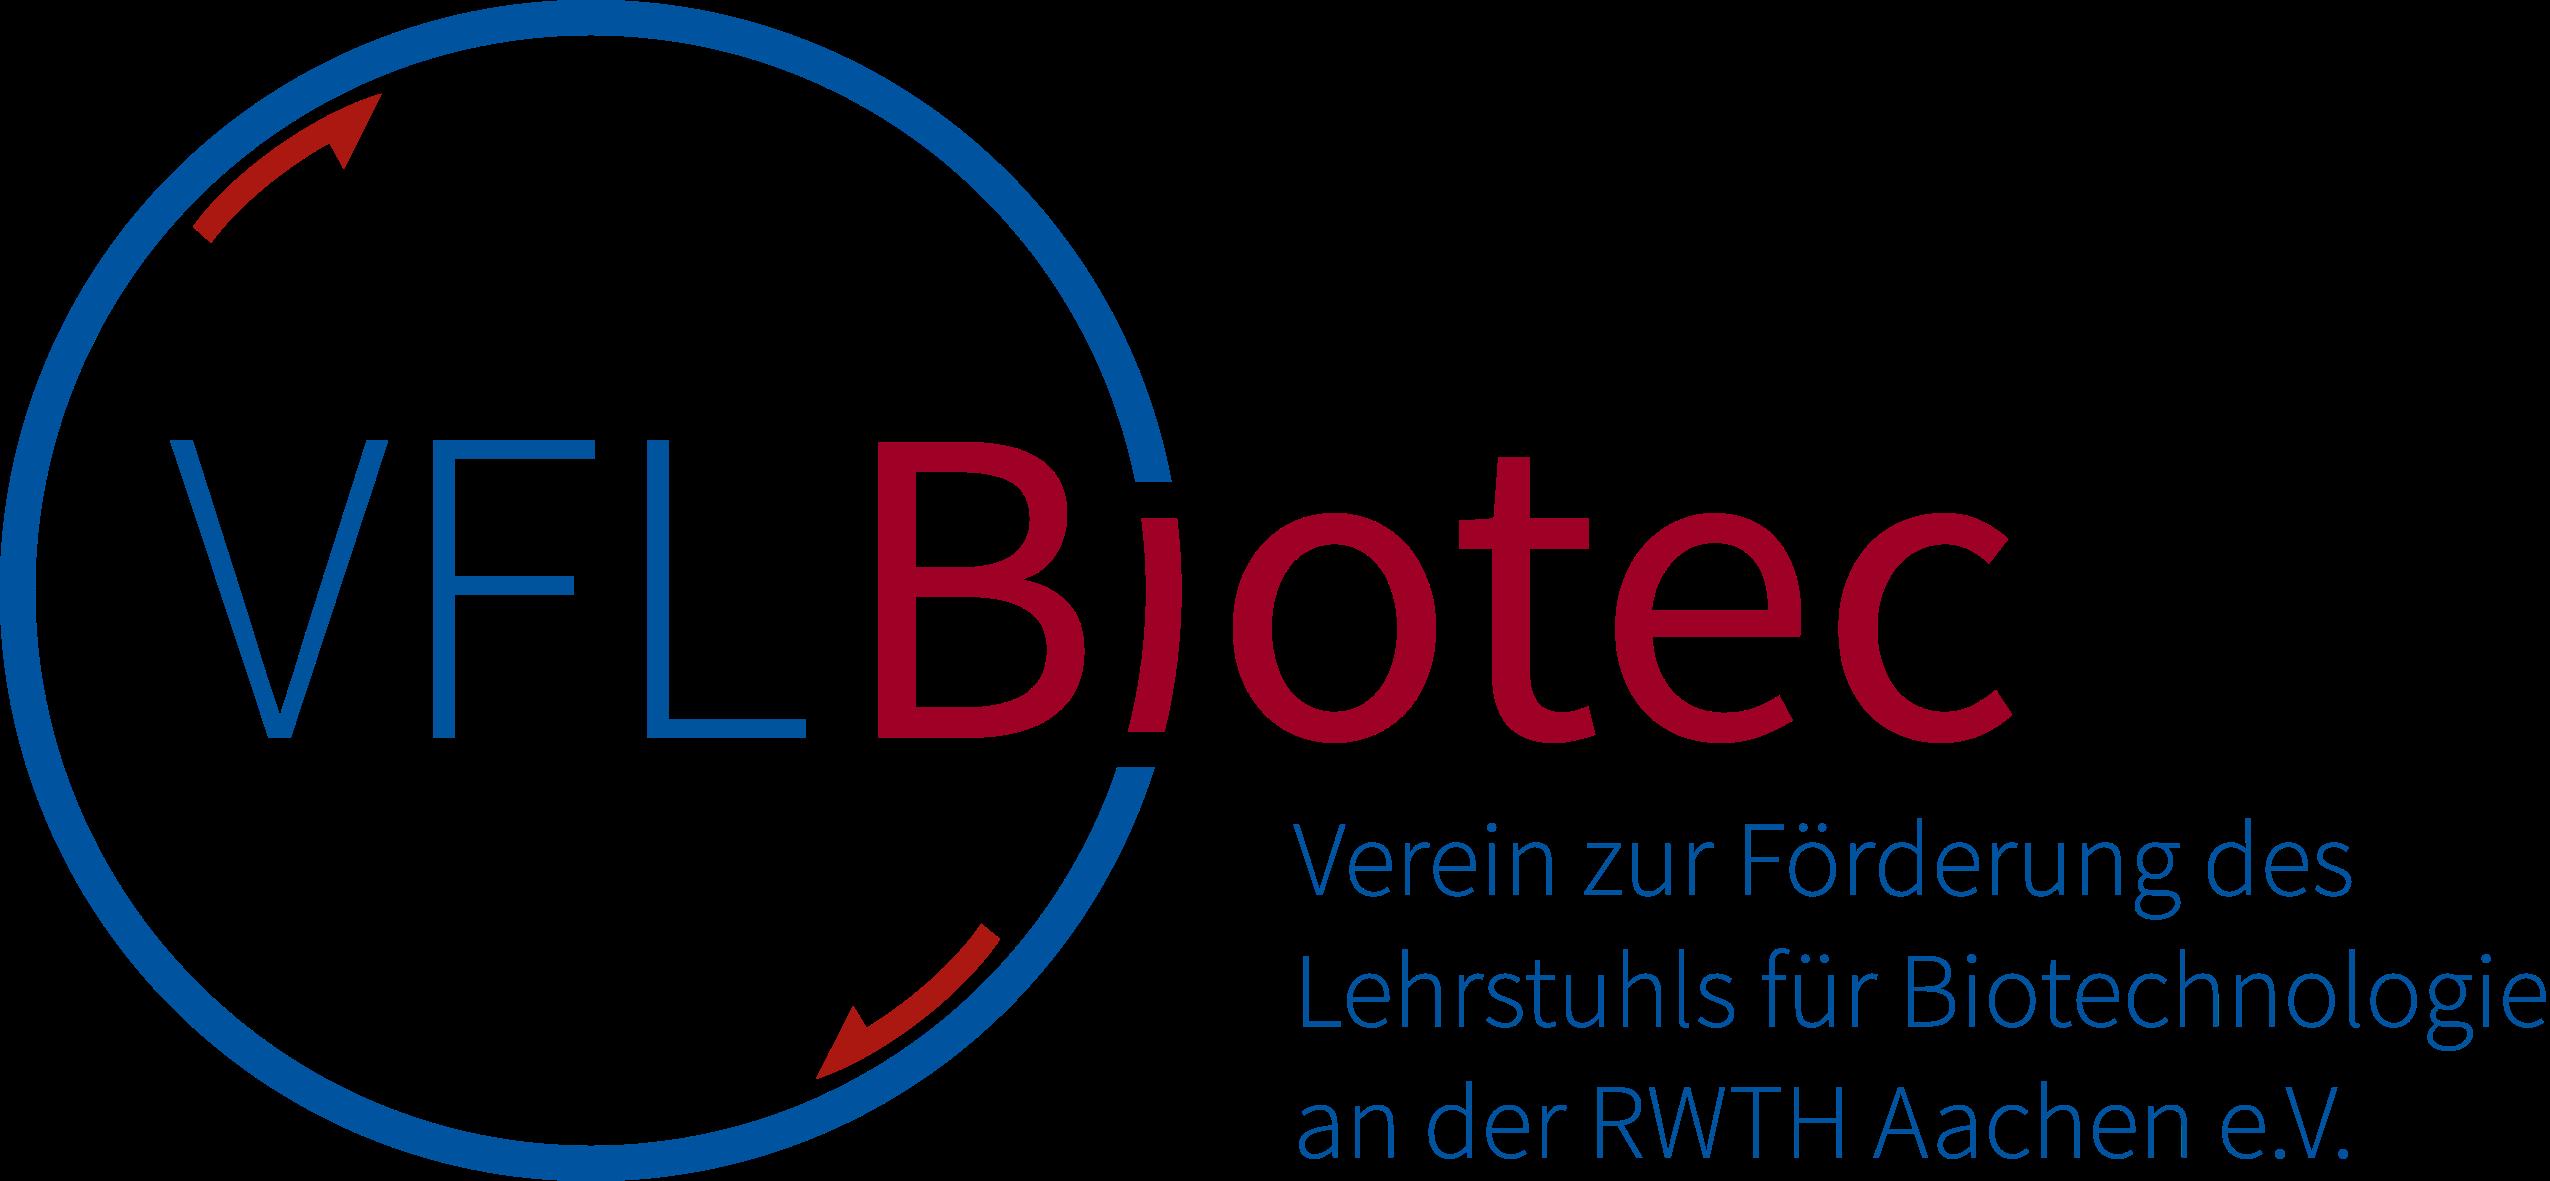 Verein zur Förderung des Lehrstuhls für Biotechnologie der RWTH Aachen - logo